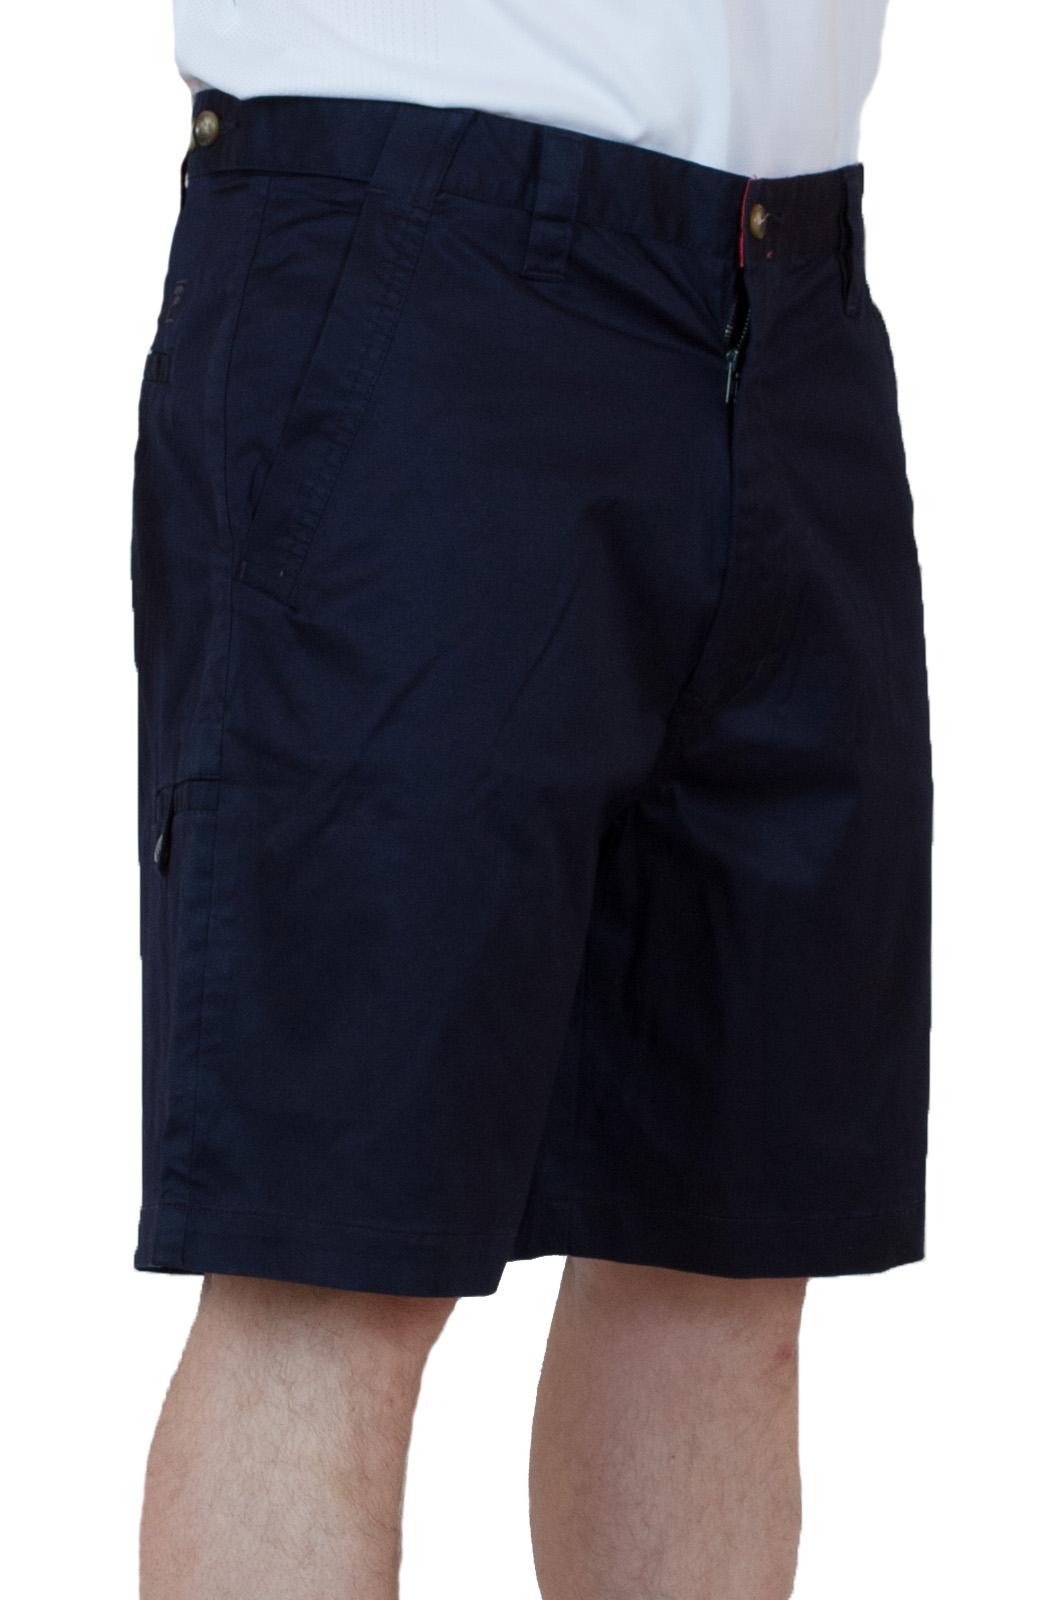 Темно-синие хлопковые шорты для мужчин - вид сбоку